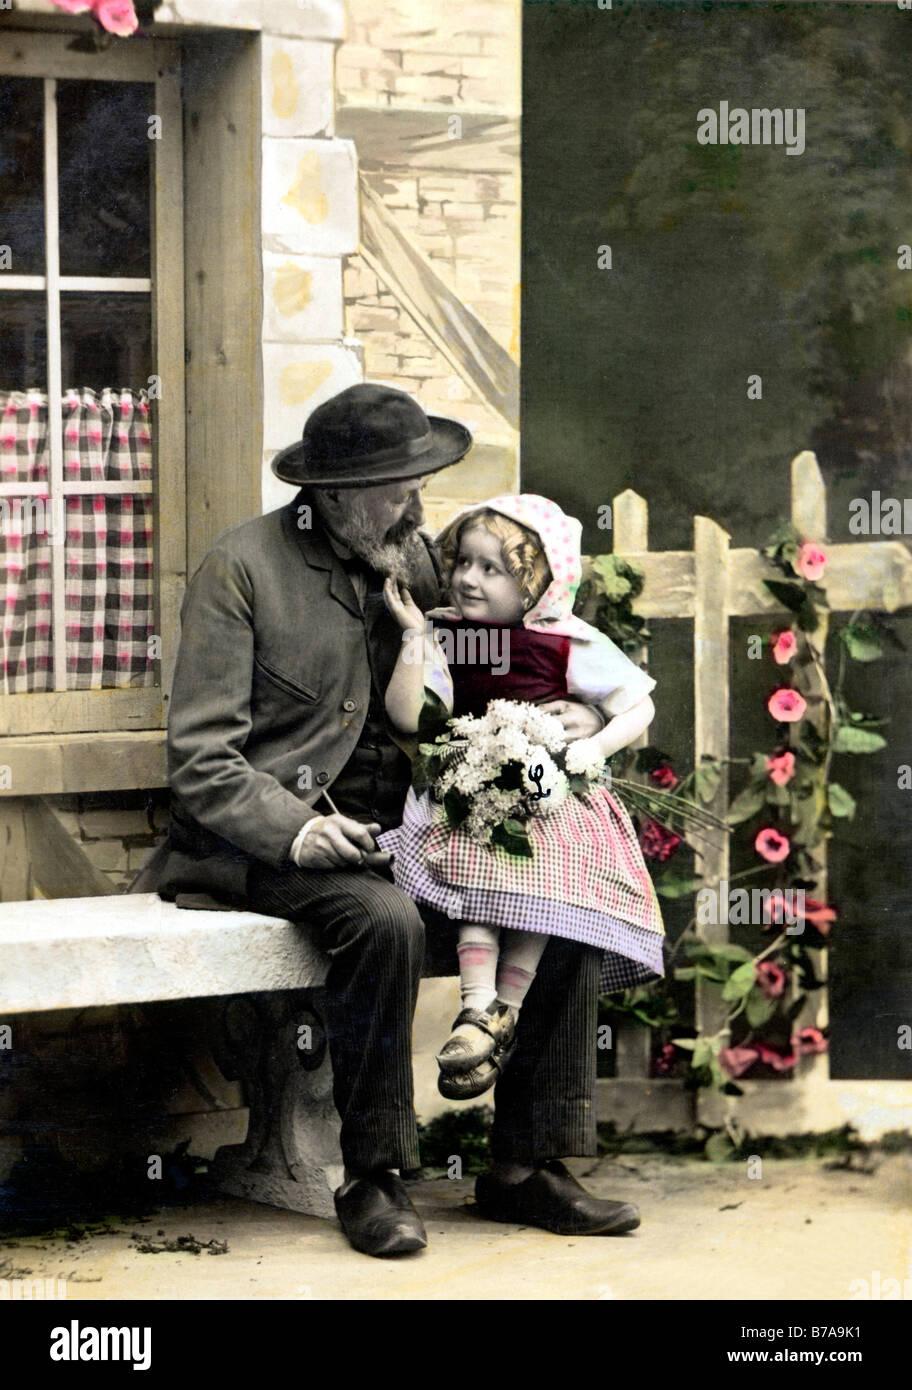 Photo historique, grand-père avec ses petits-enfants en costume traditionnel, ca. 1920 Photo Stock